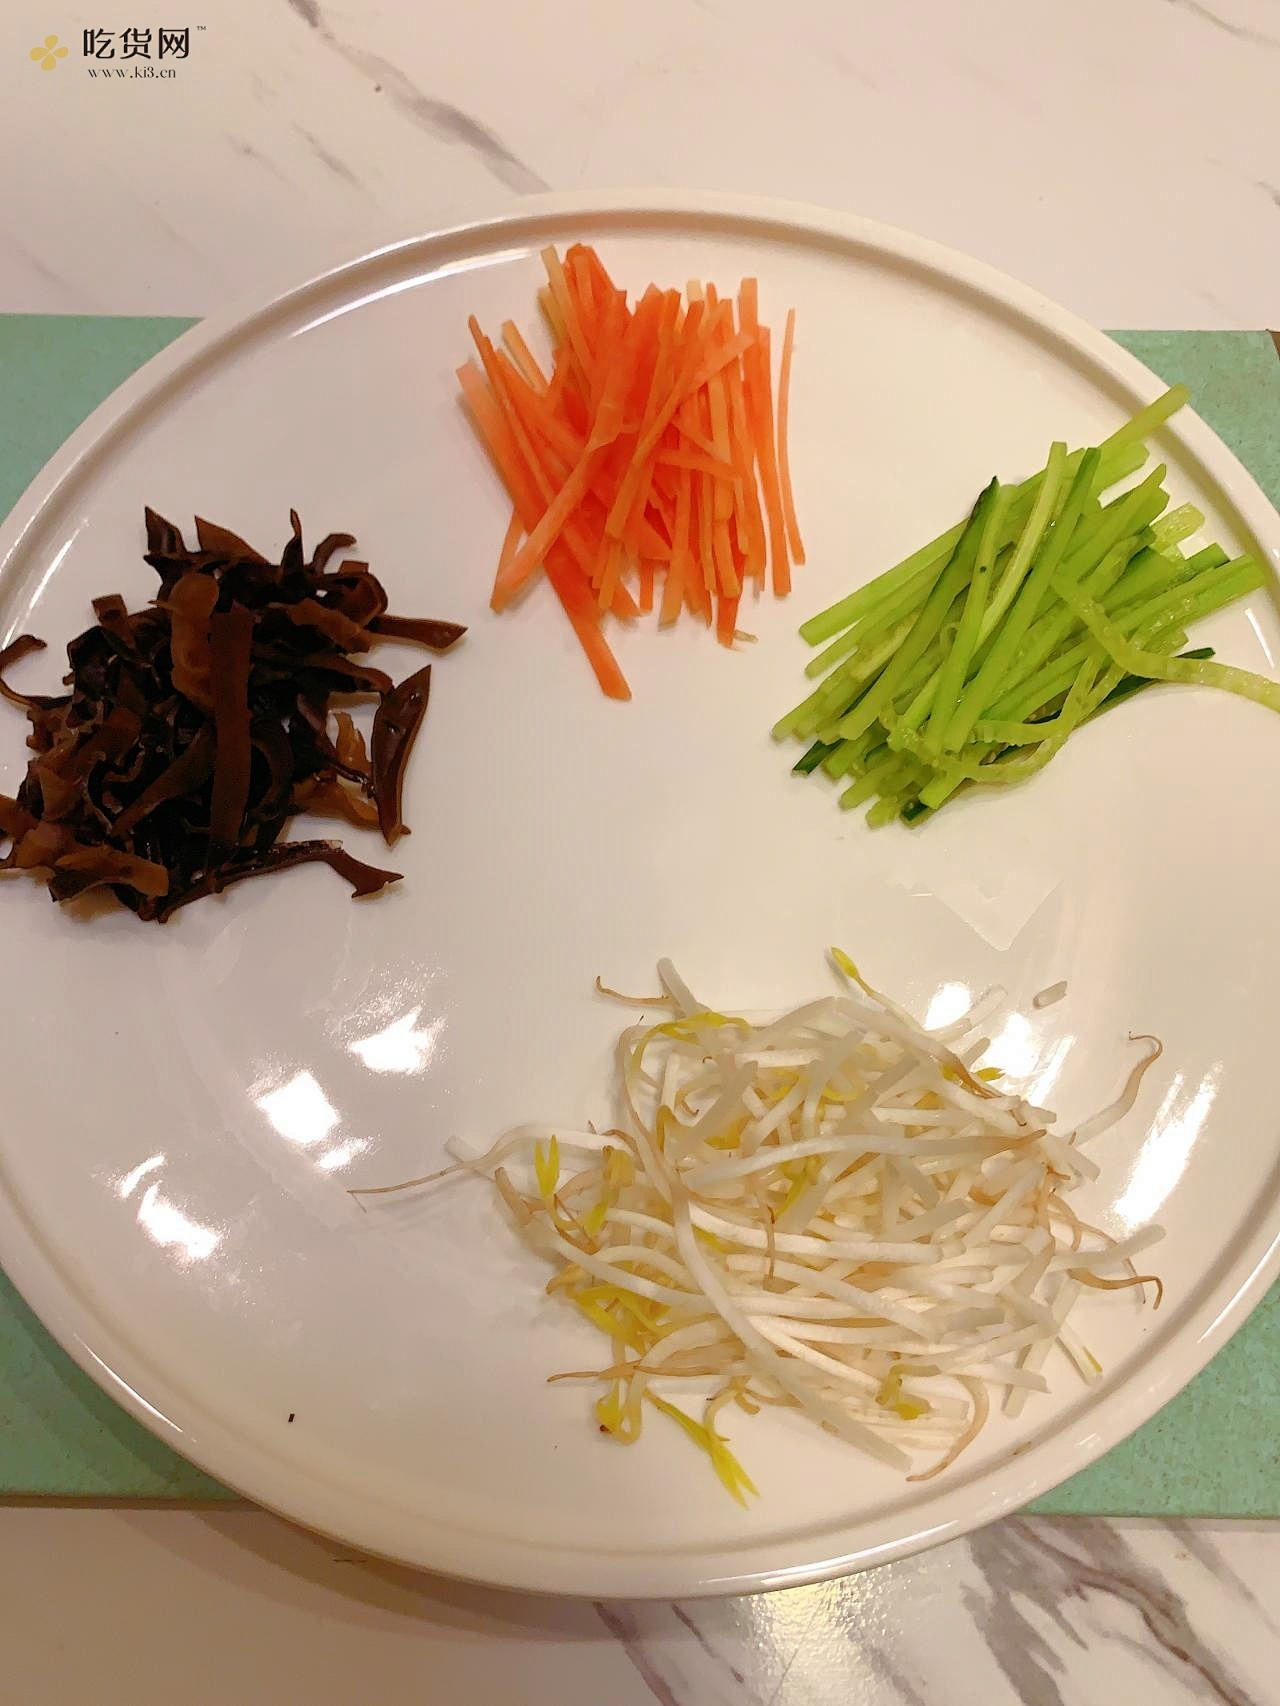 网红美食:百香果凉面的做法 步骤2